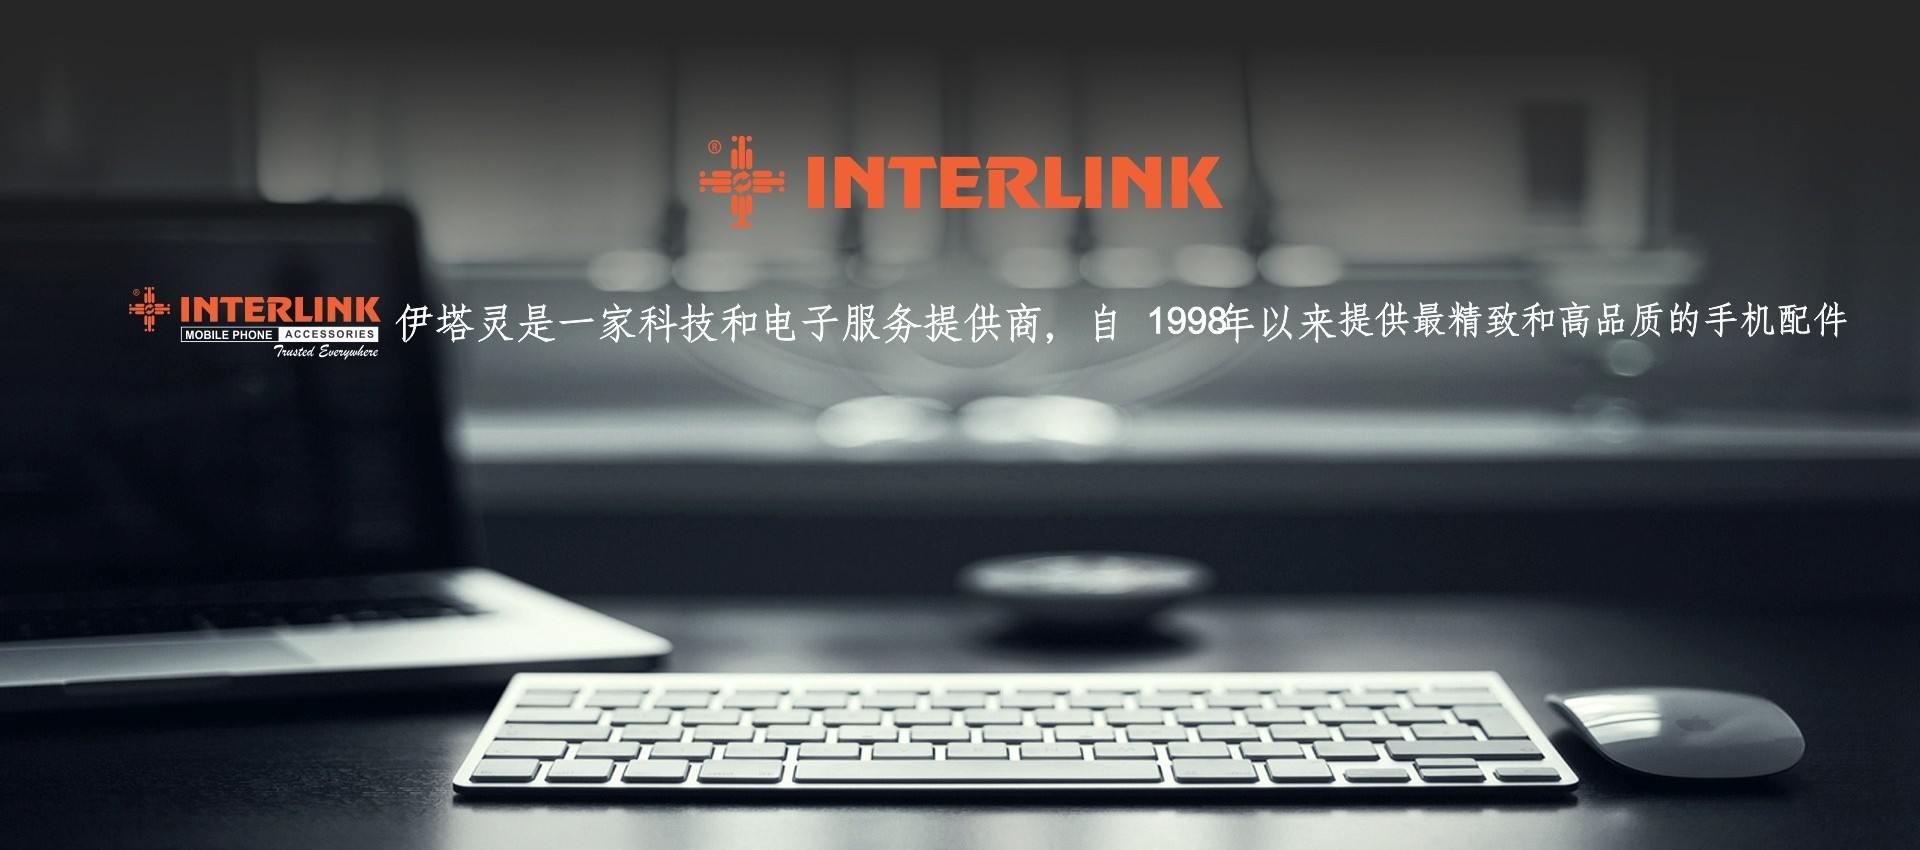 Interlink Accessories